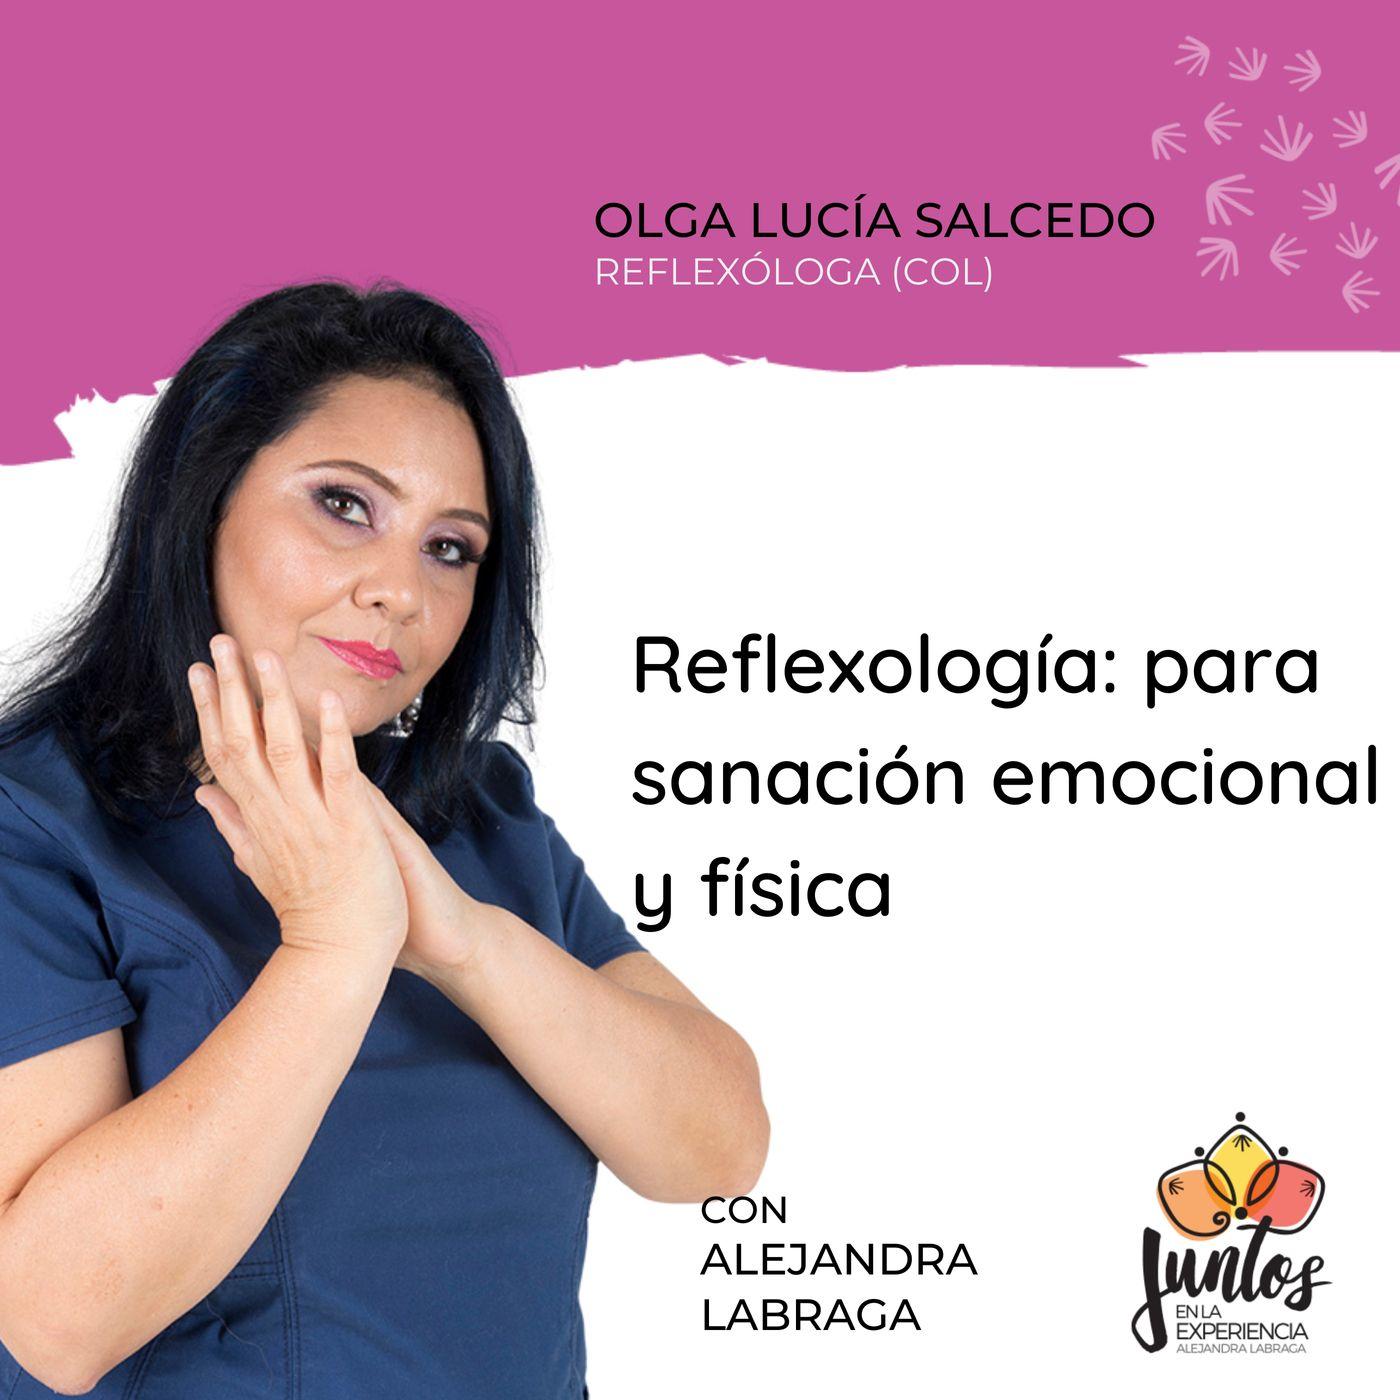 Ep. 086 - Reflexología para sanación emocional y física con Olga Lucía Salcedo